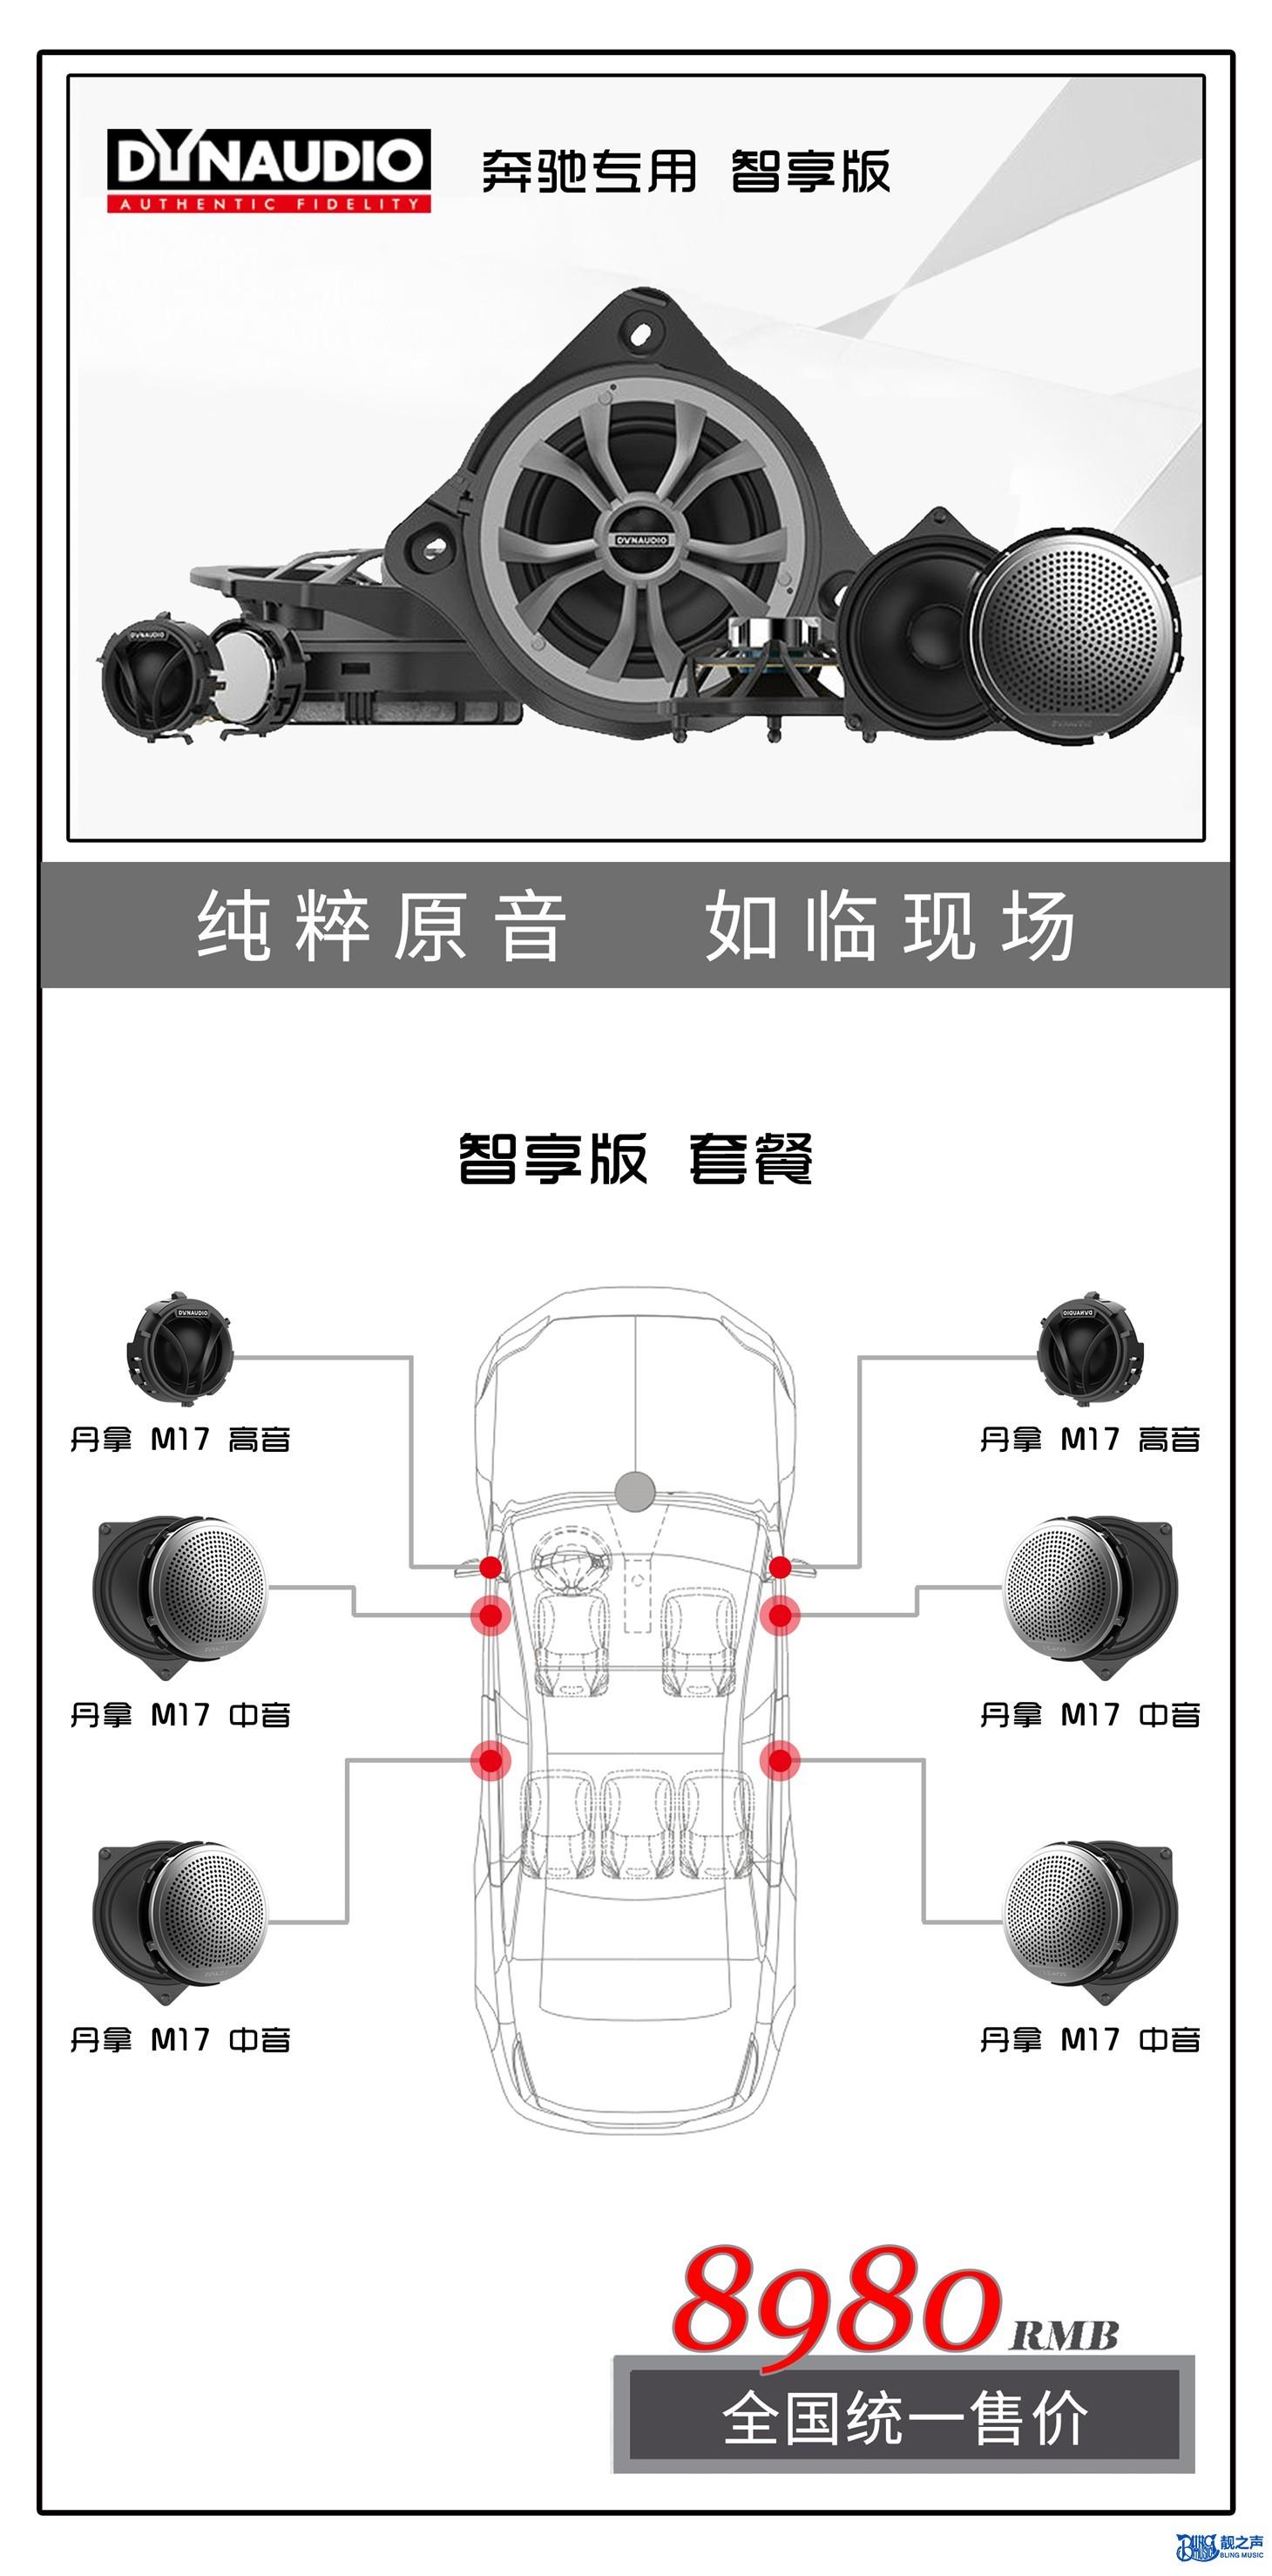 丹拿 M17 奔驰套餐图A.jpg